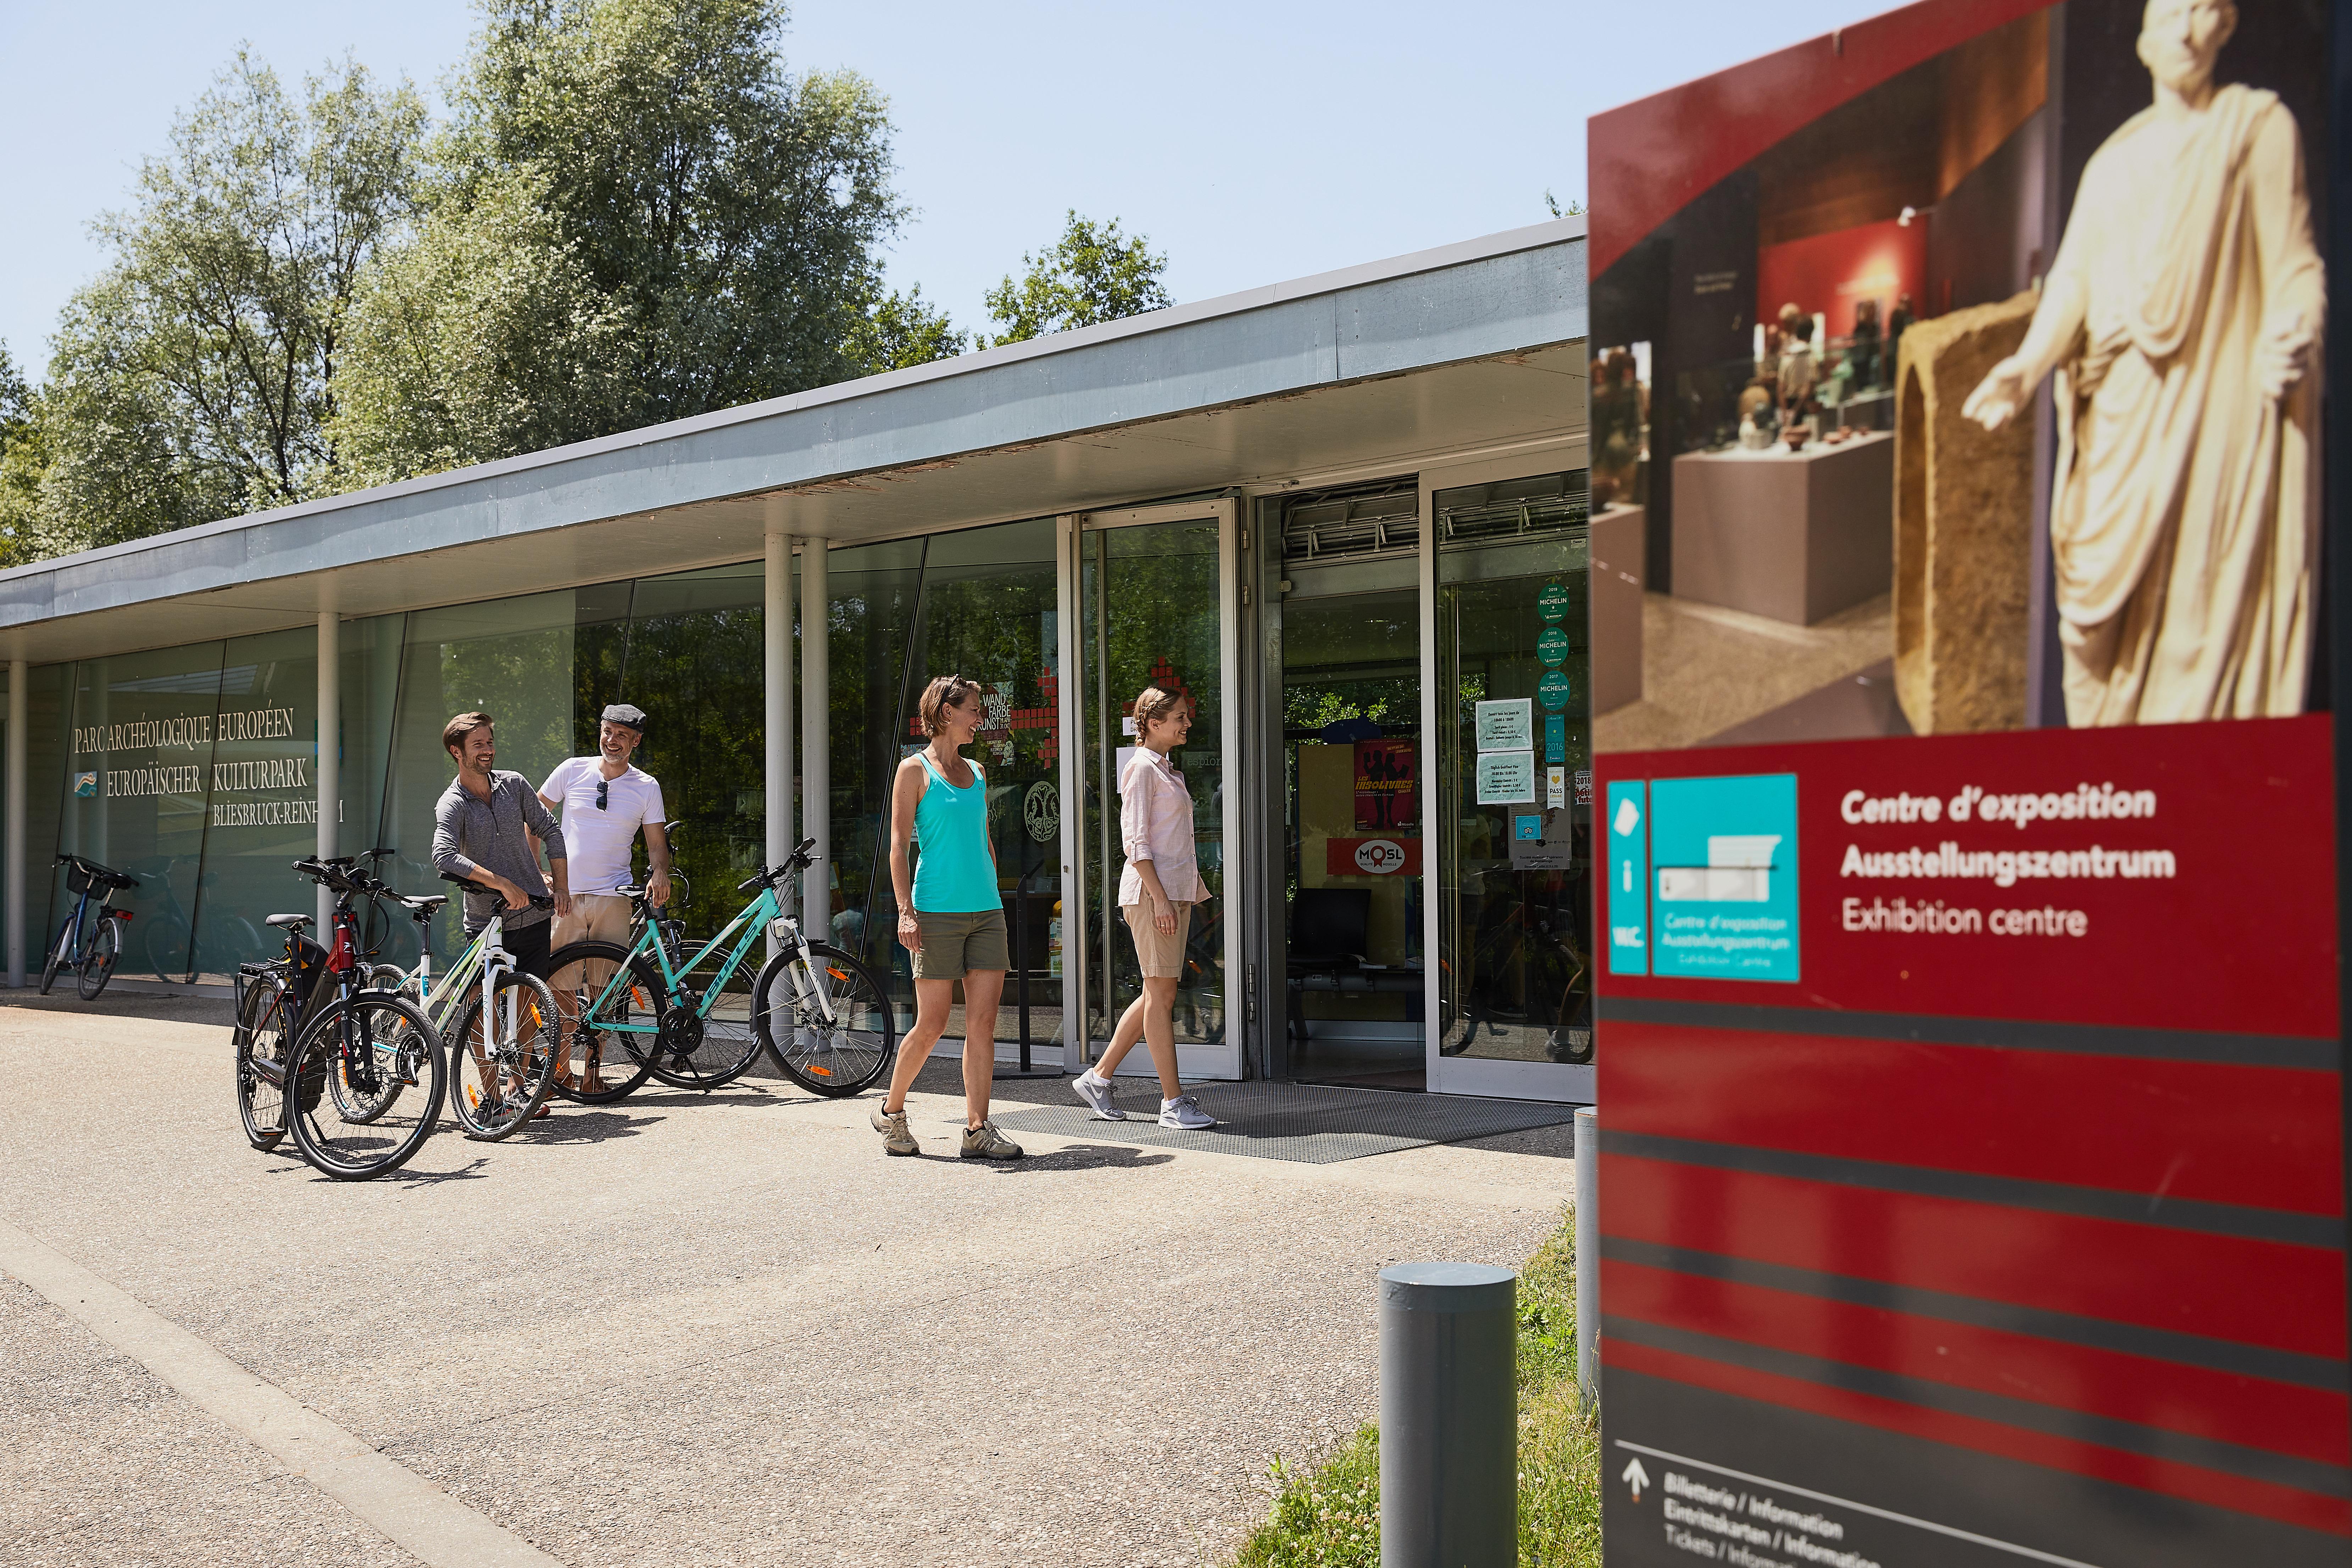 Ausstellungszentrum Europäischer Kulturpark